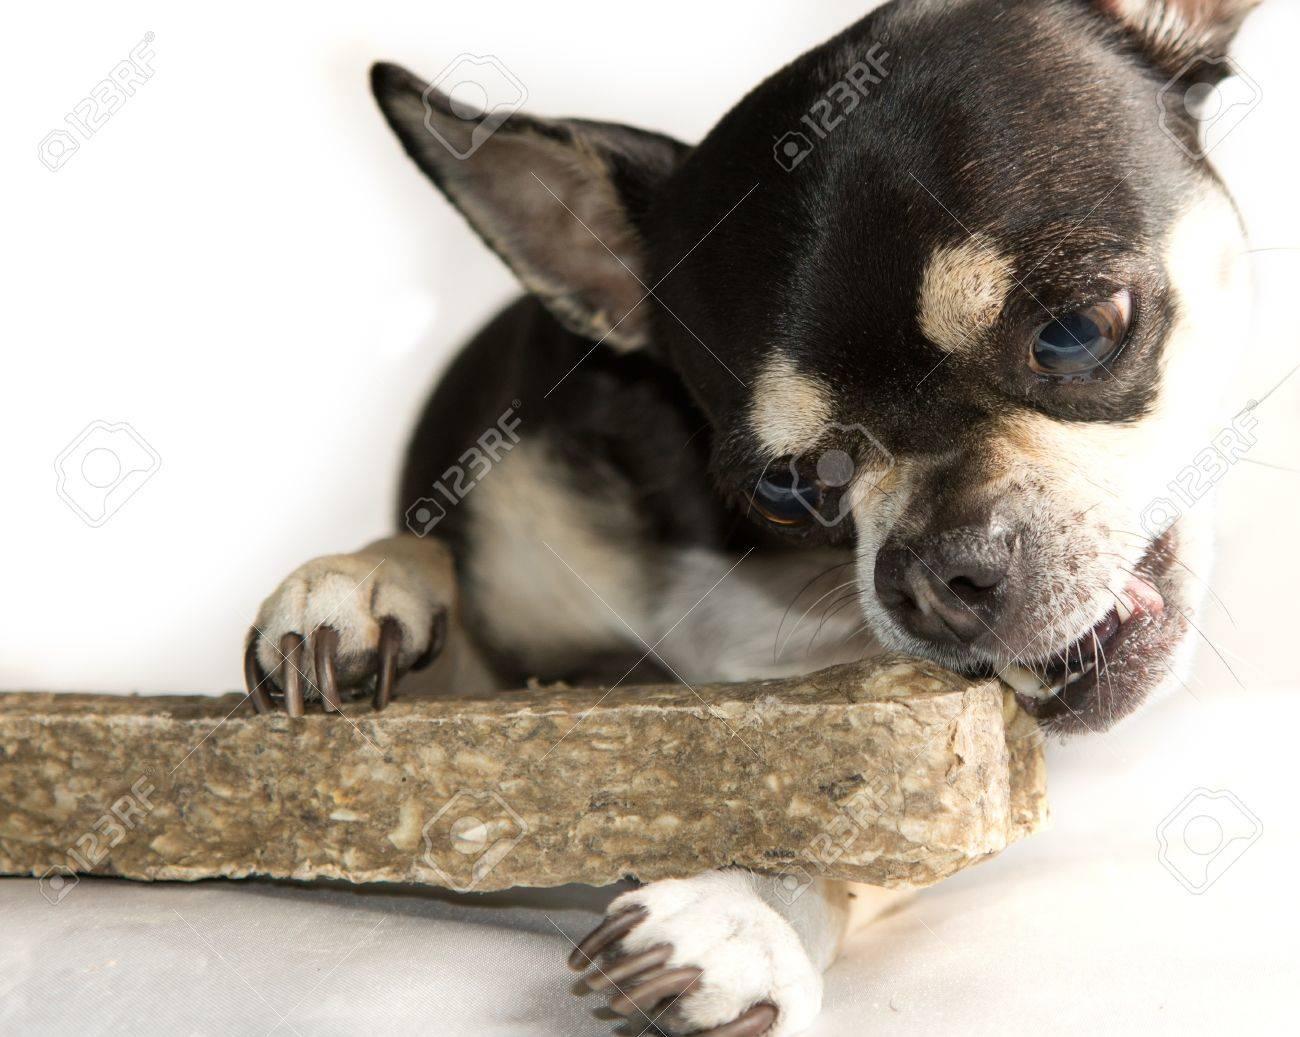 Tiny Chihuahua Dog Eating Large Bone Stock Photo - 13168124